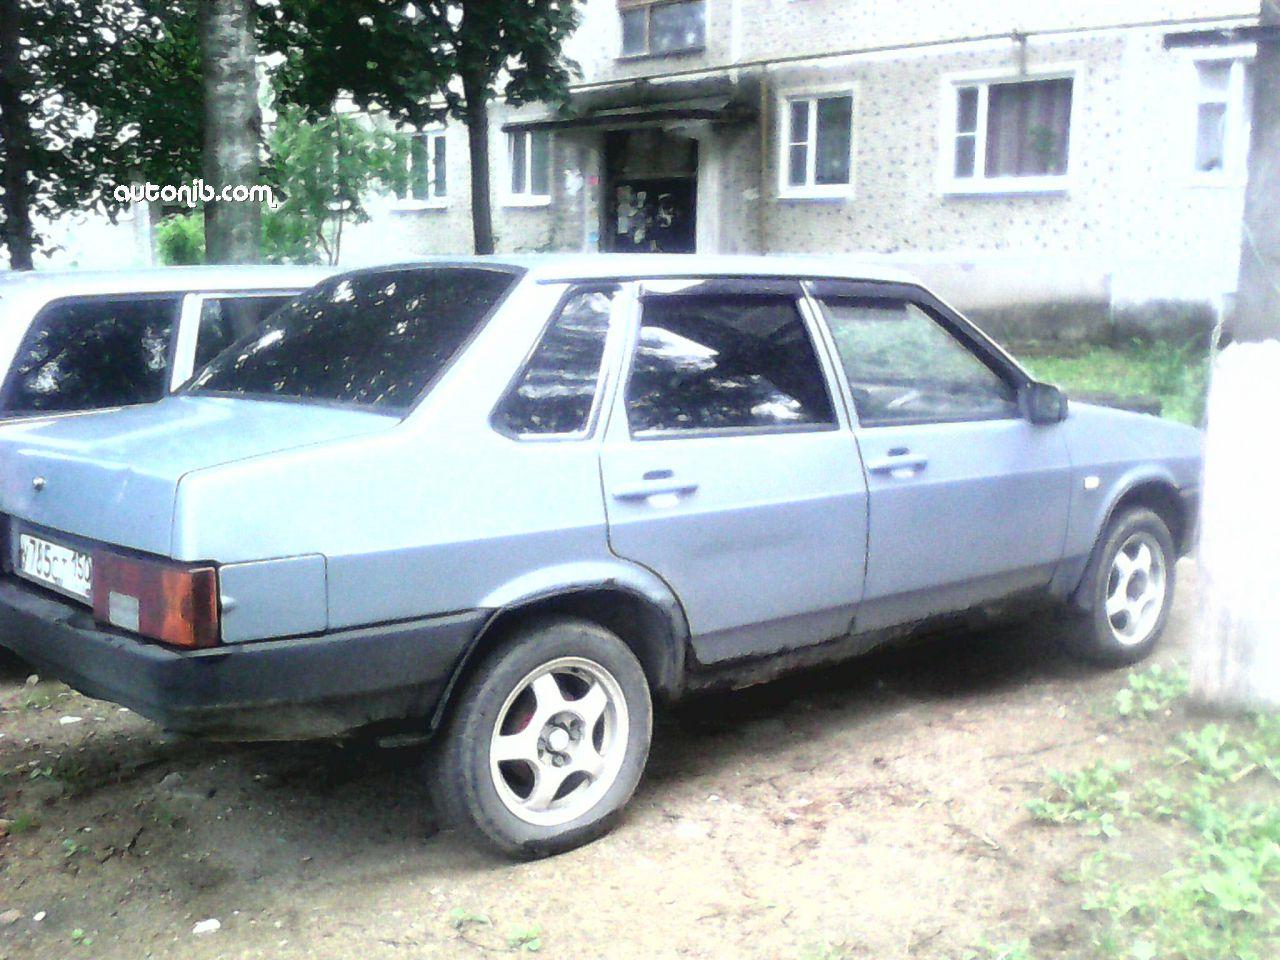 Купить ВАЗ 21099 2002 года в городе Солнечногрск